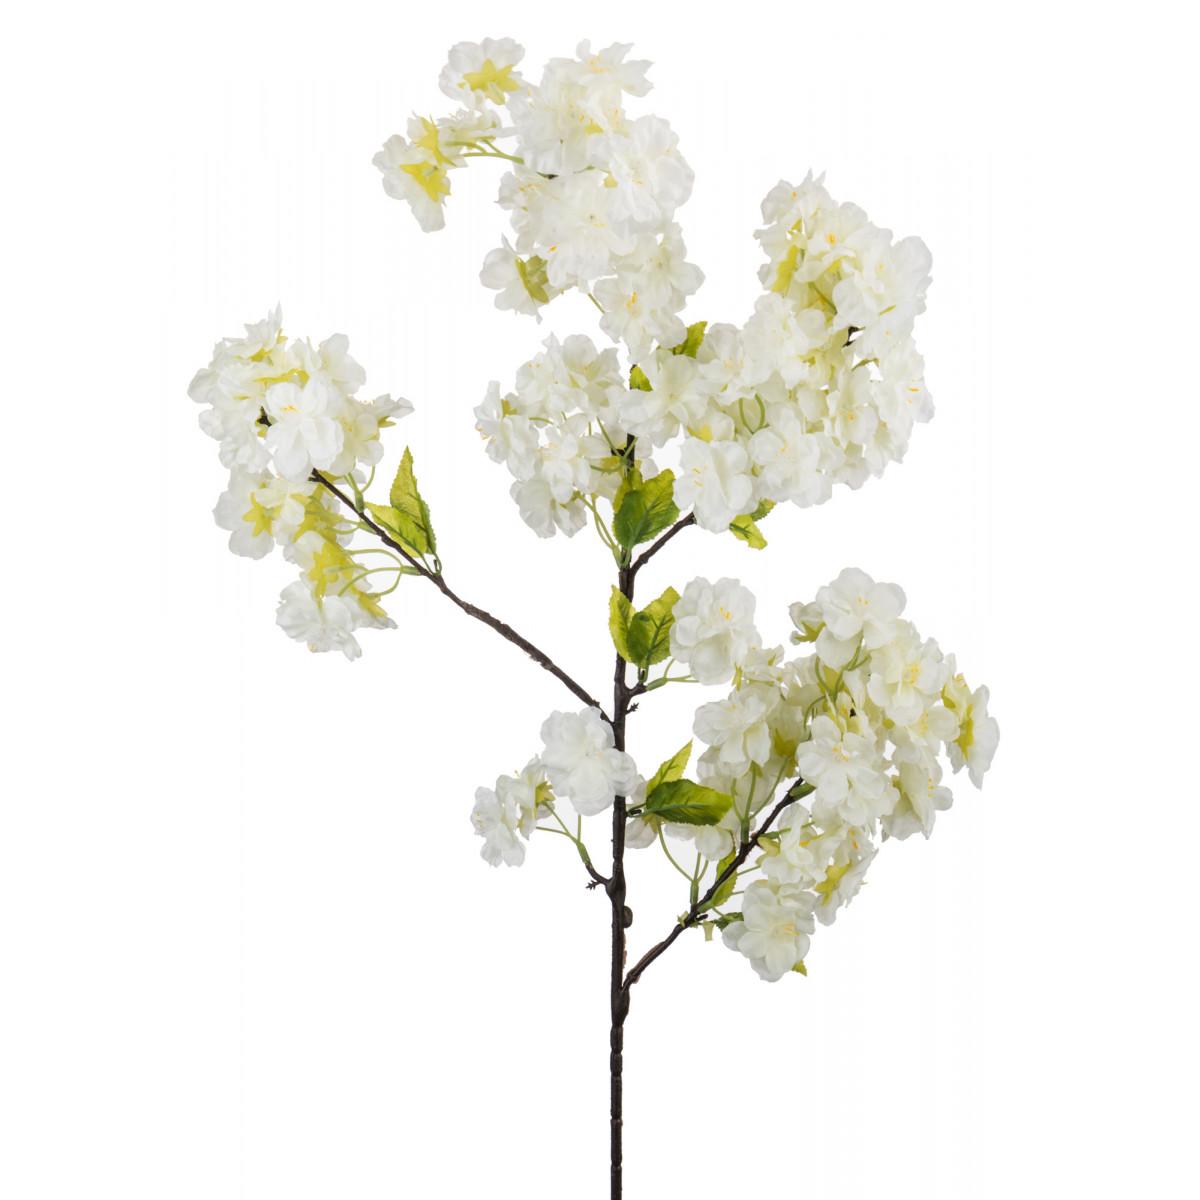 Купить искусственные цветы в казани, доставка цветов